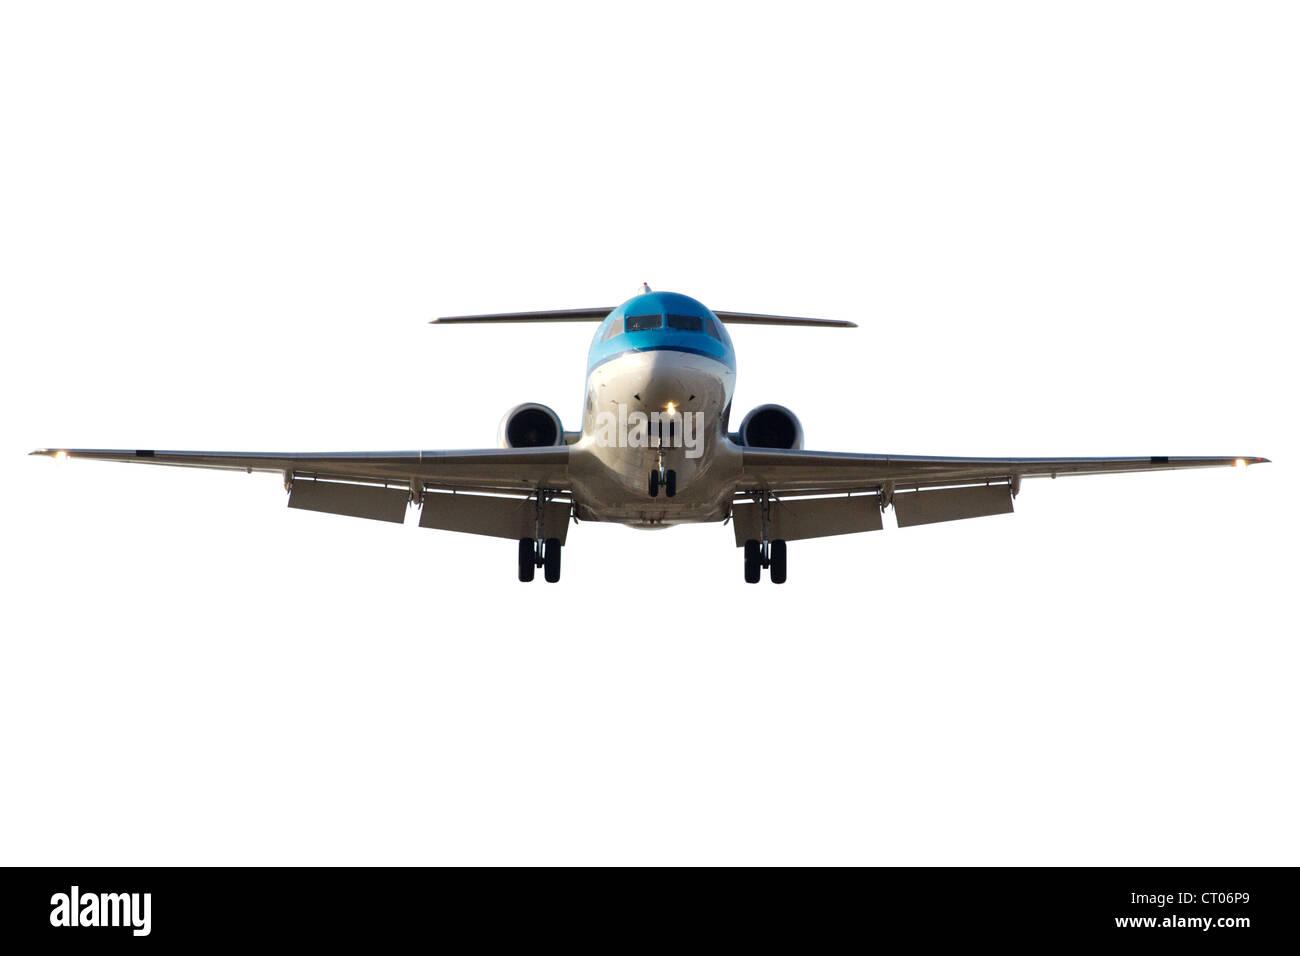 Vorderansicht des ein Landung-Verkehrsflugzeug. Isoliert mit Beschneidungspfad Stockbild